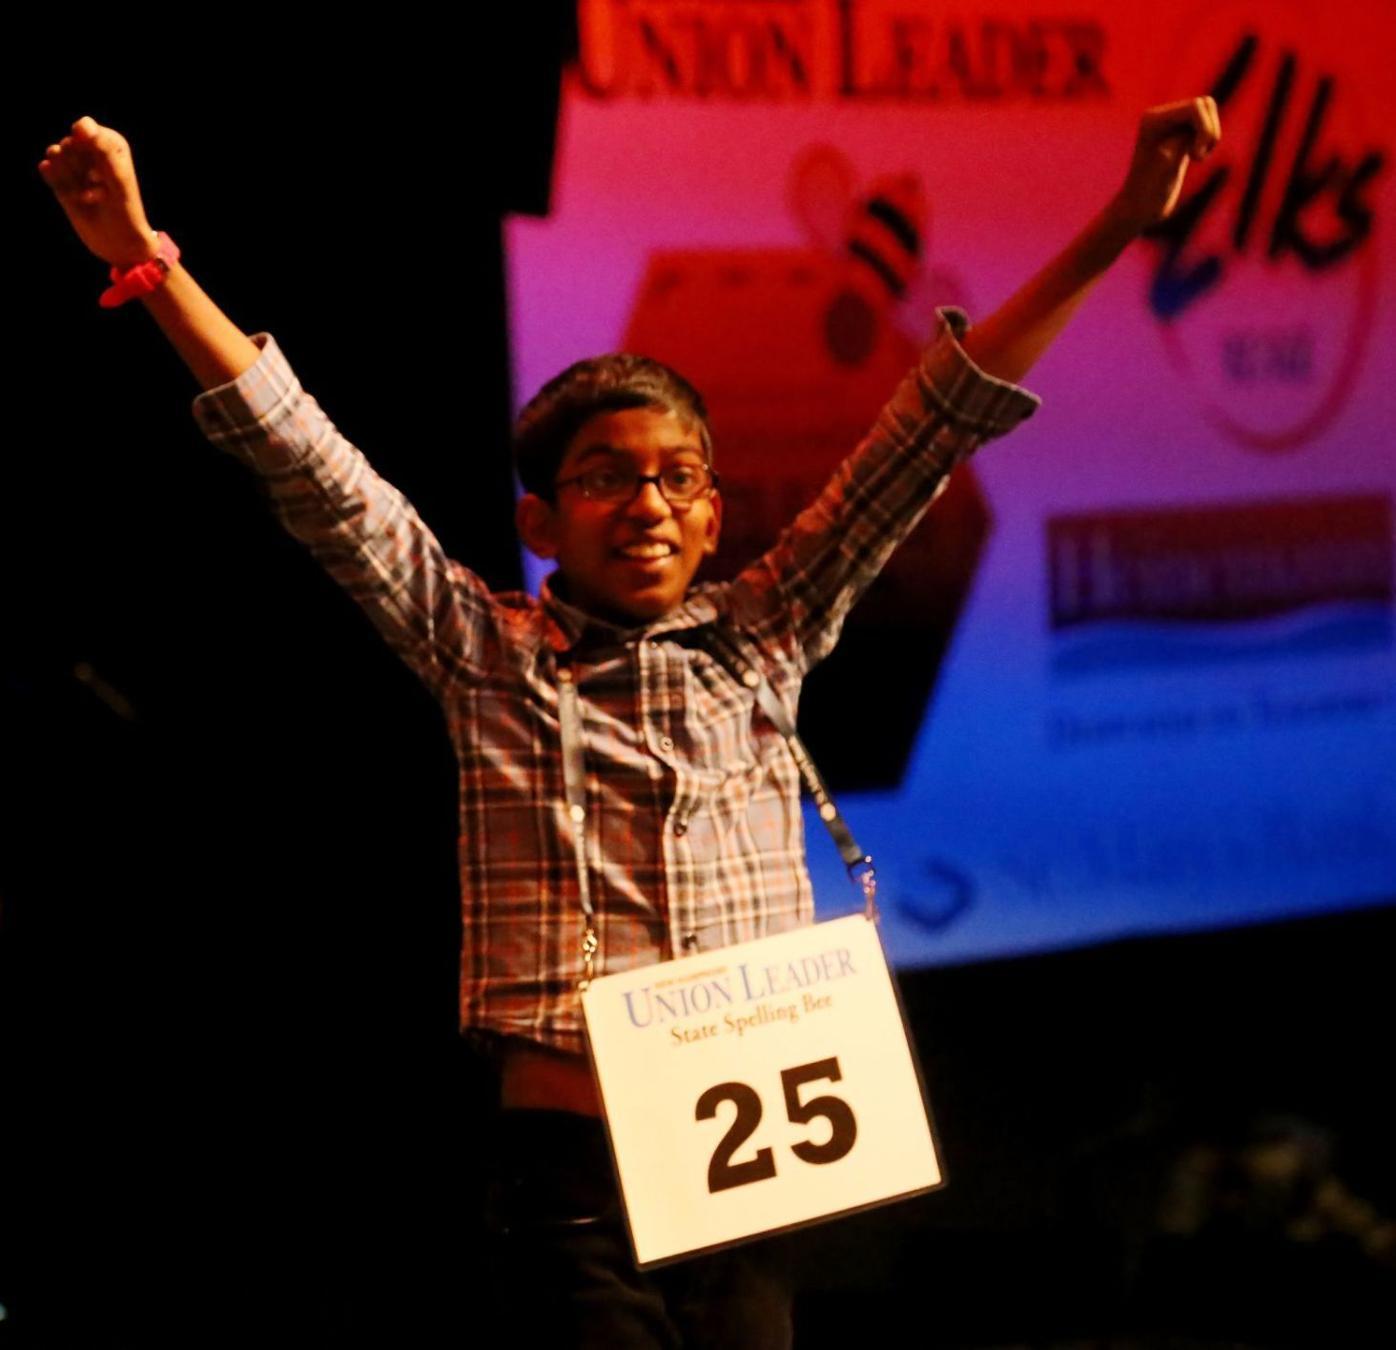 Spelling bee state winner 2020 -- Aadhavan Veerendra